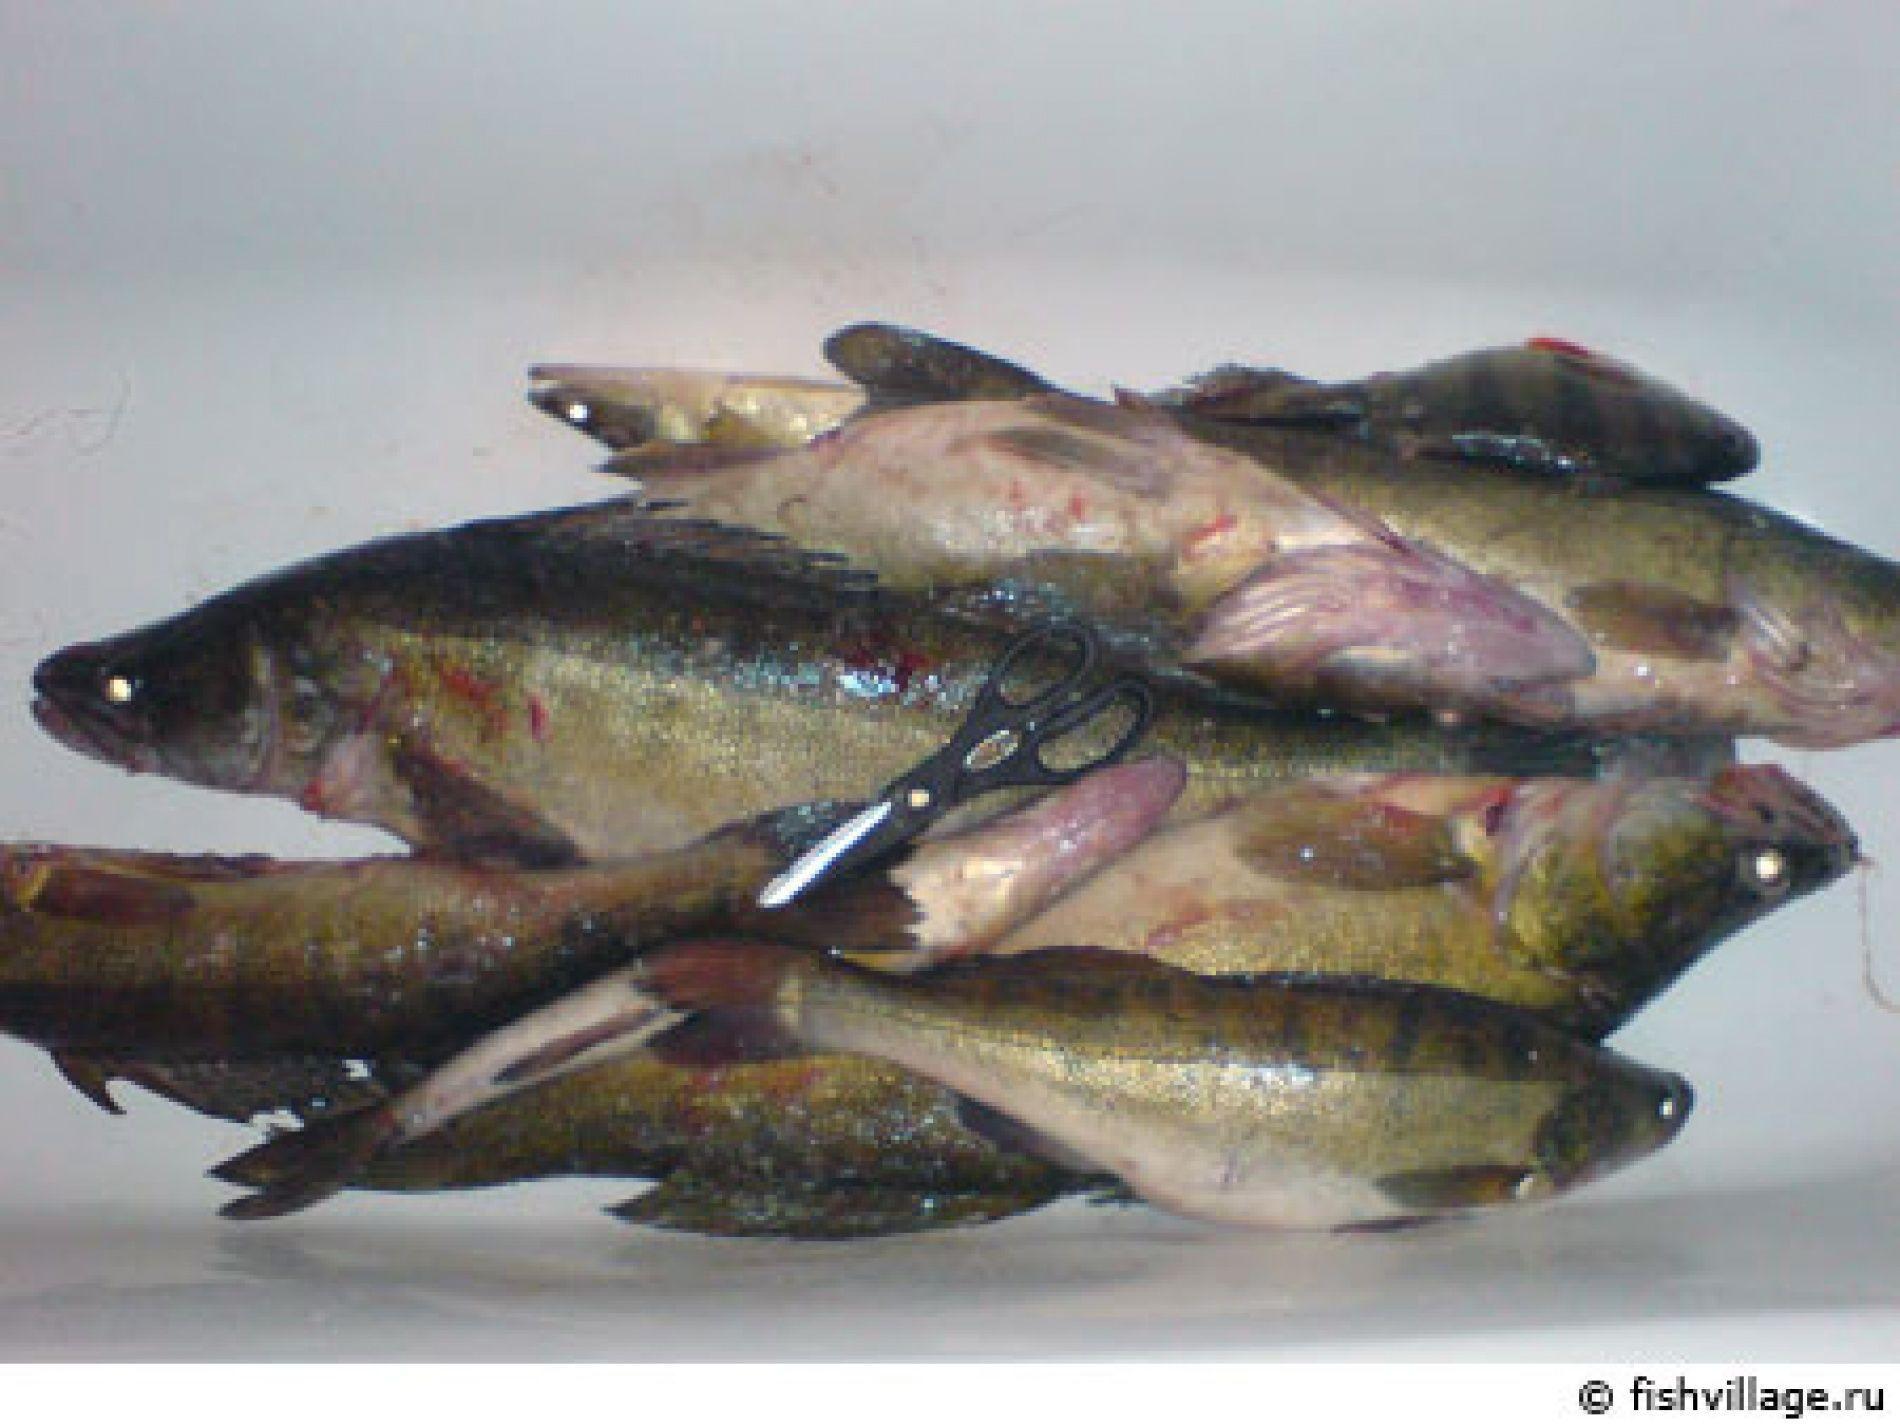 """Рыболовная база """"Плавучая деревня"""" Астраханская область, фото 6"""